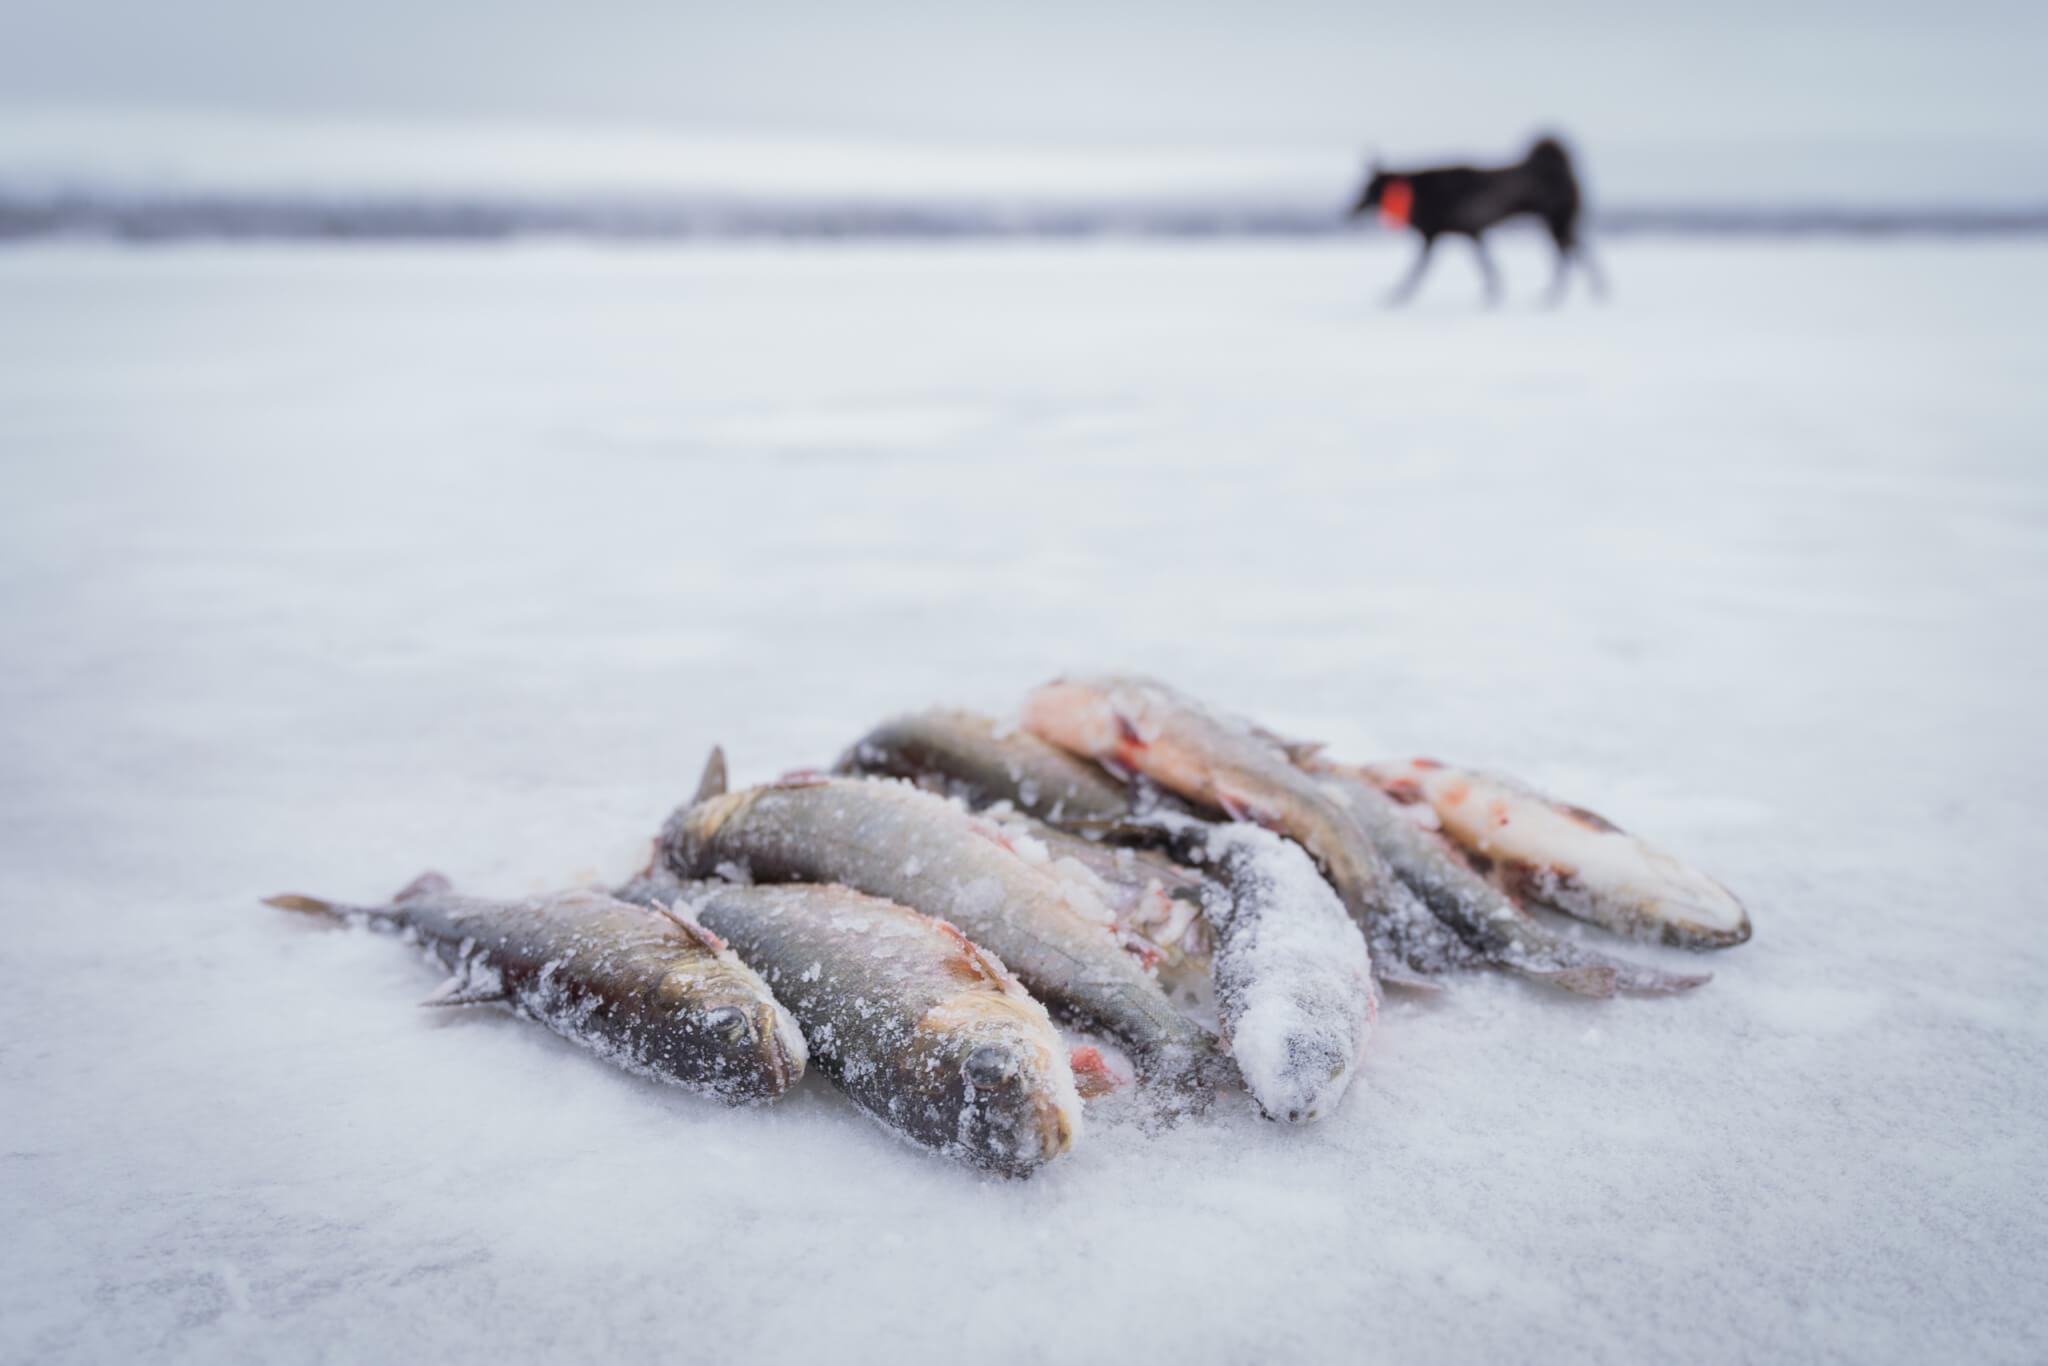 Fiskar ligger i en hög på en is. i bakgrunden syns en svart hund.